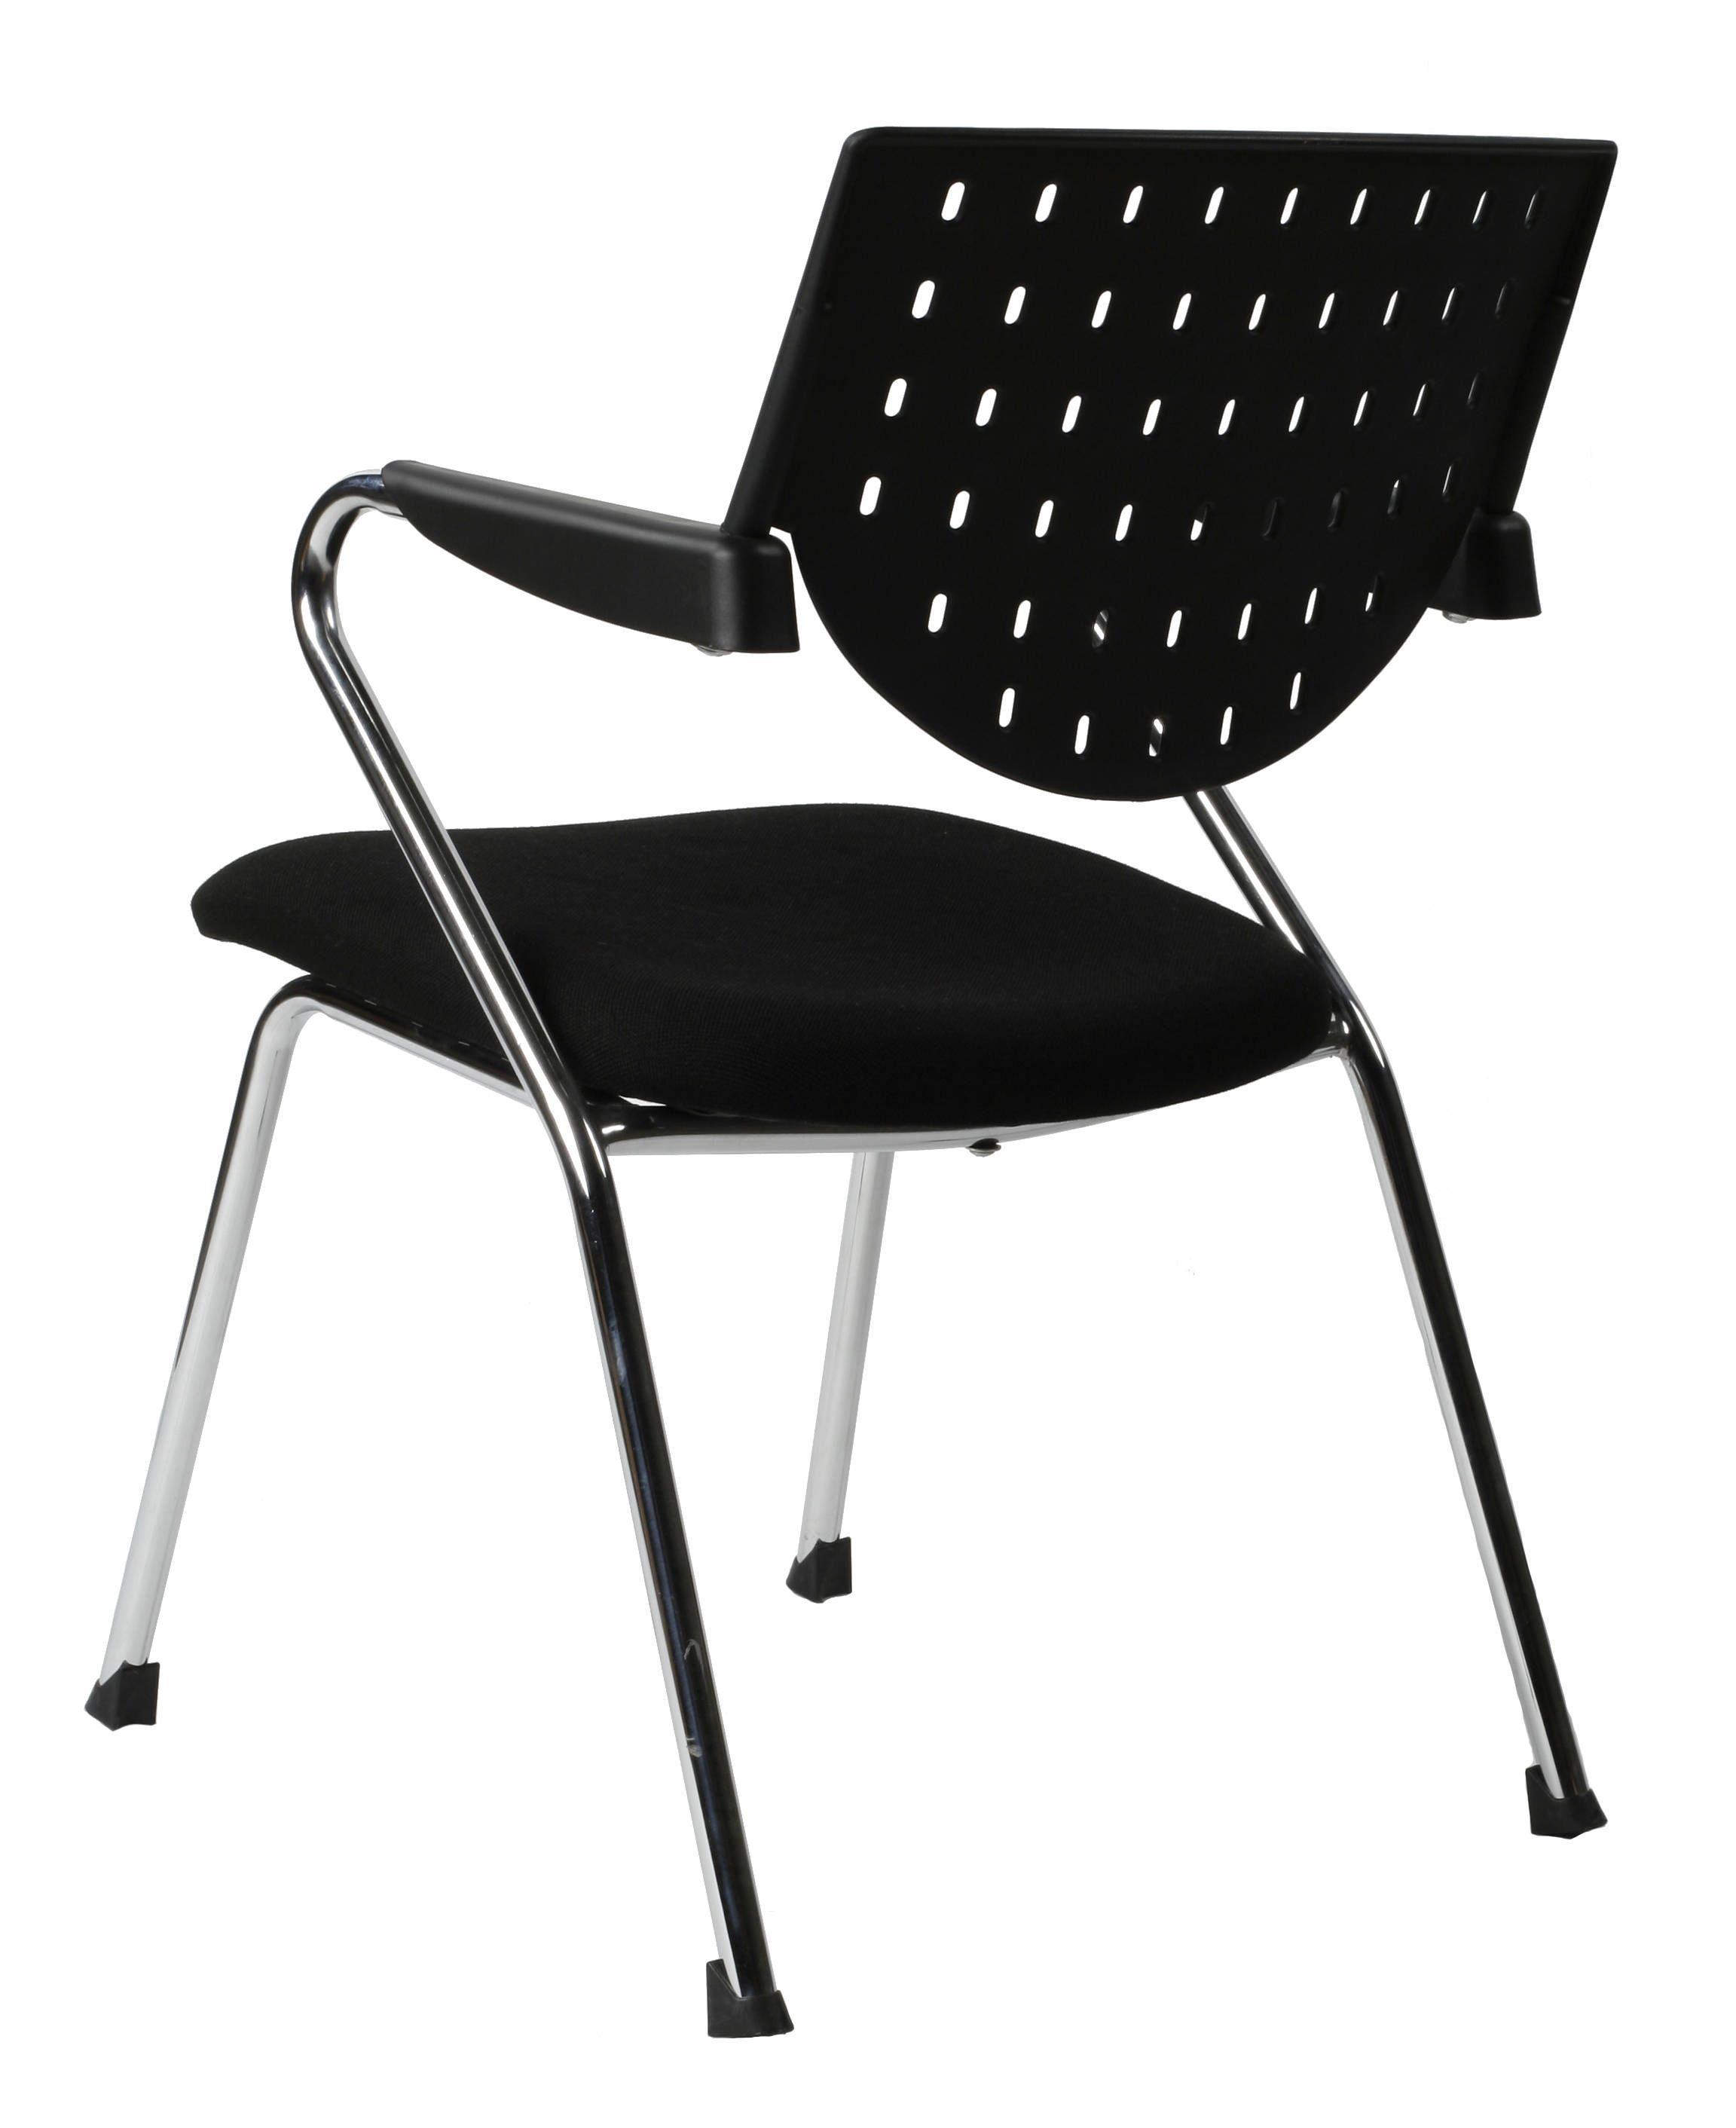 chaise de bureau stanford noir. Black Bedroom Furniture Sets. Home Design Ideas